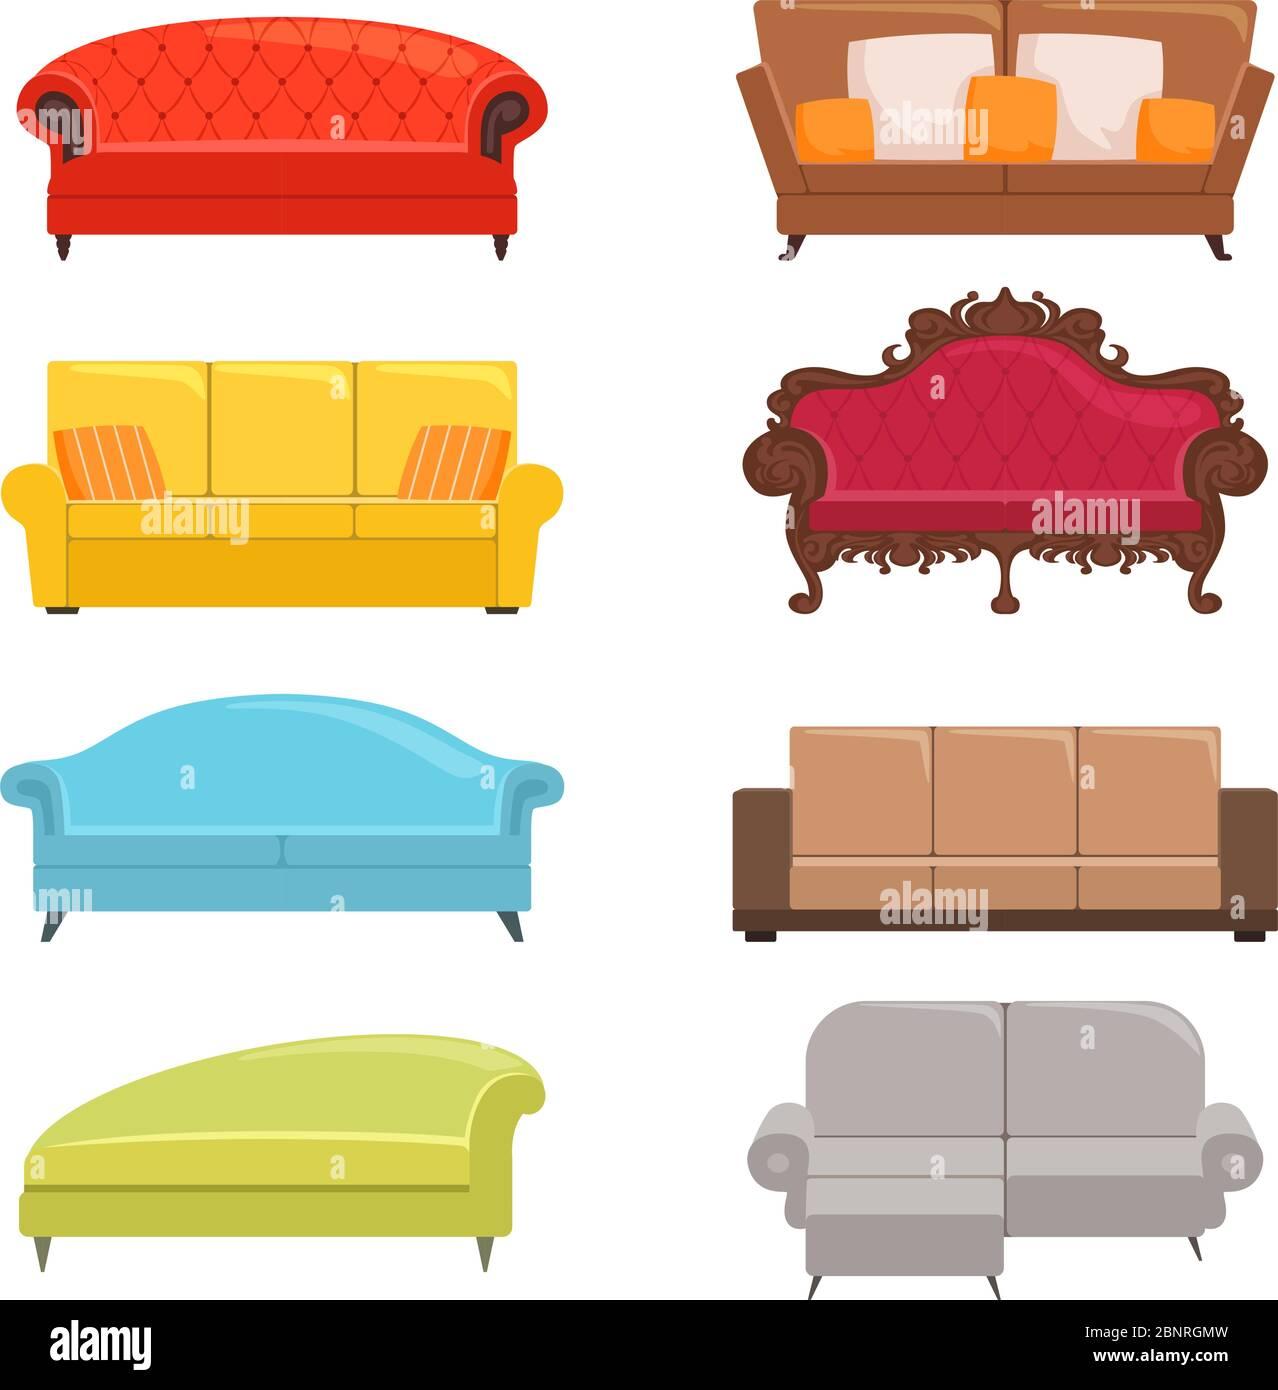 Sofa collection. Bed classic divan modern coach vector interior